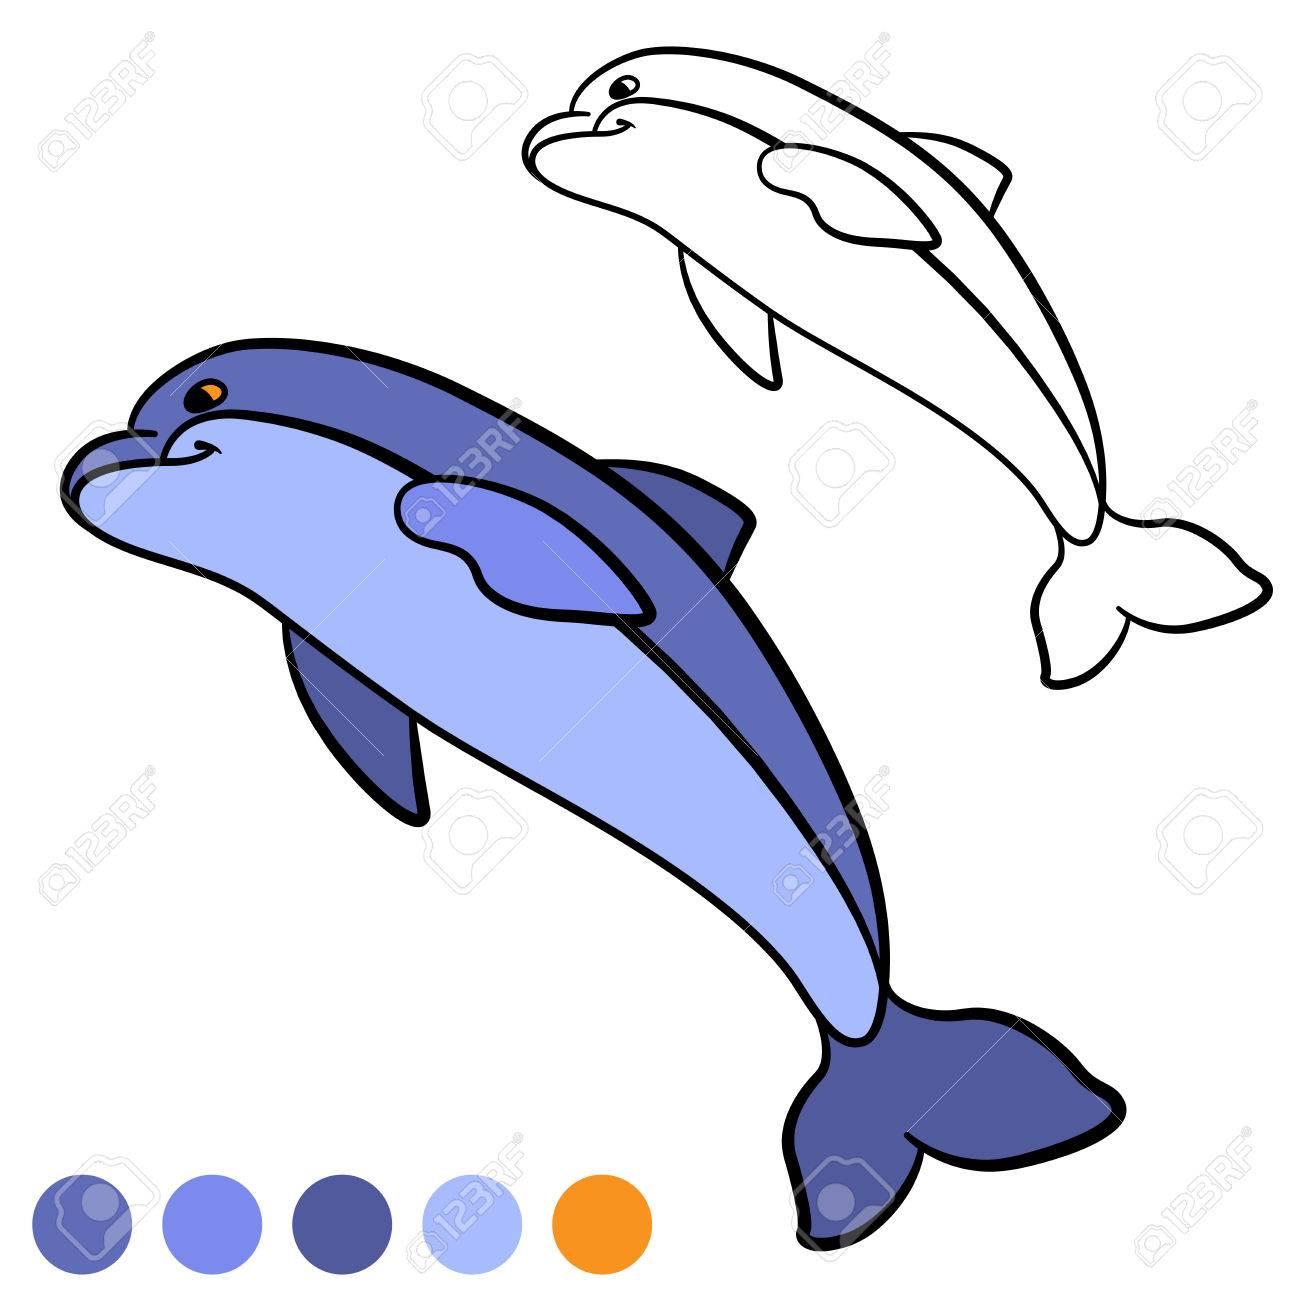 Großzügig Süße Delphin Malvorlagen Galerie - Malvorlagen-Ideen ...